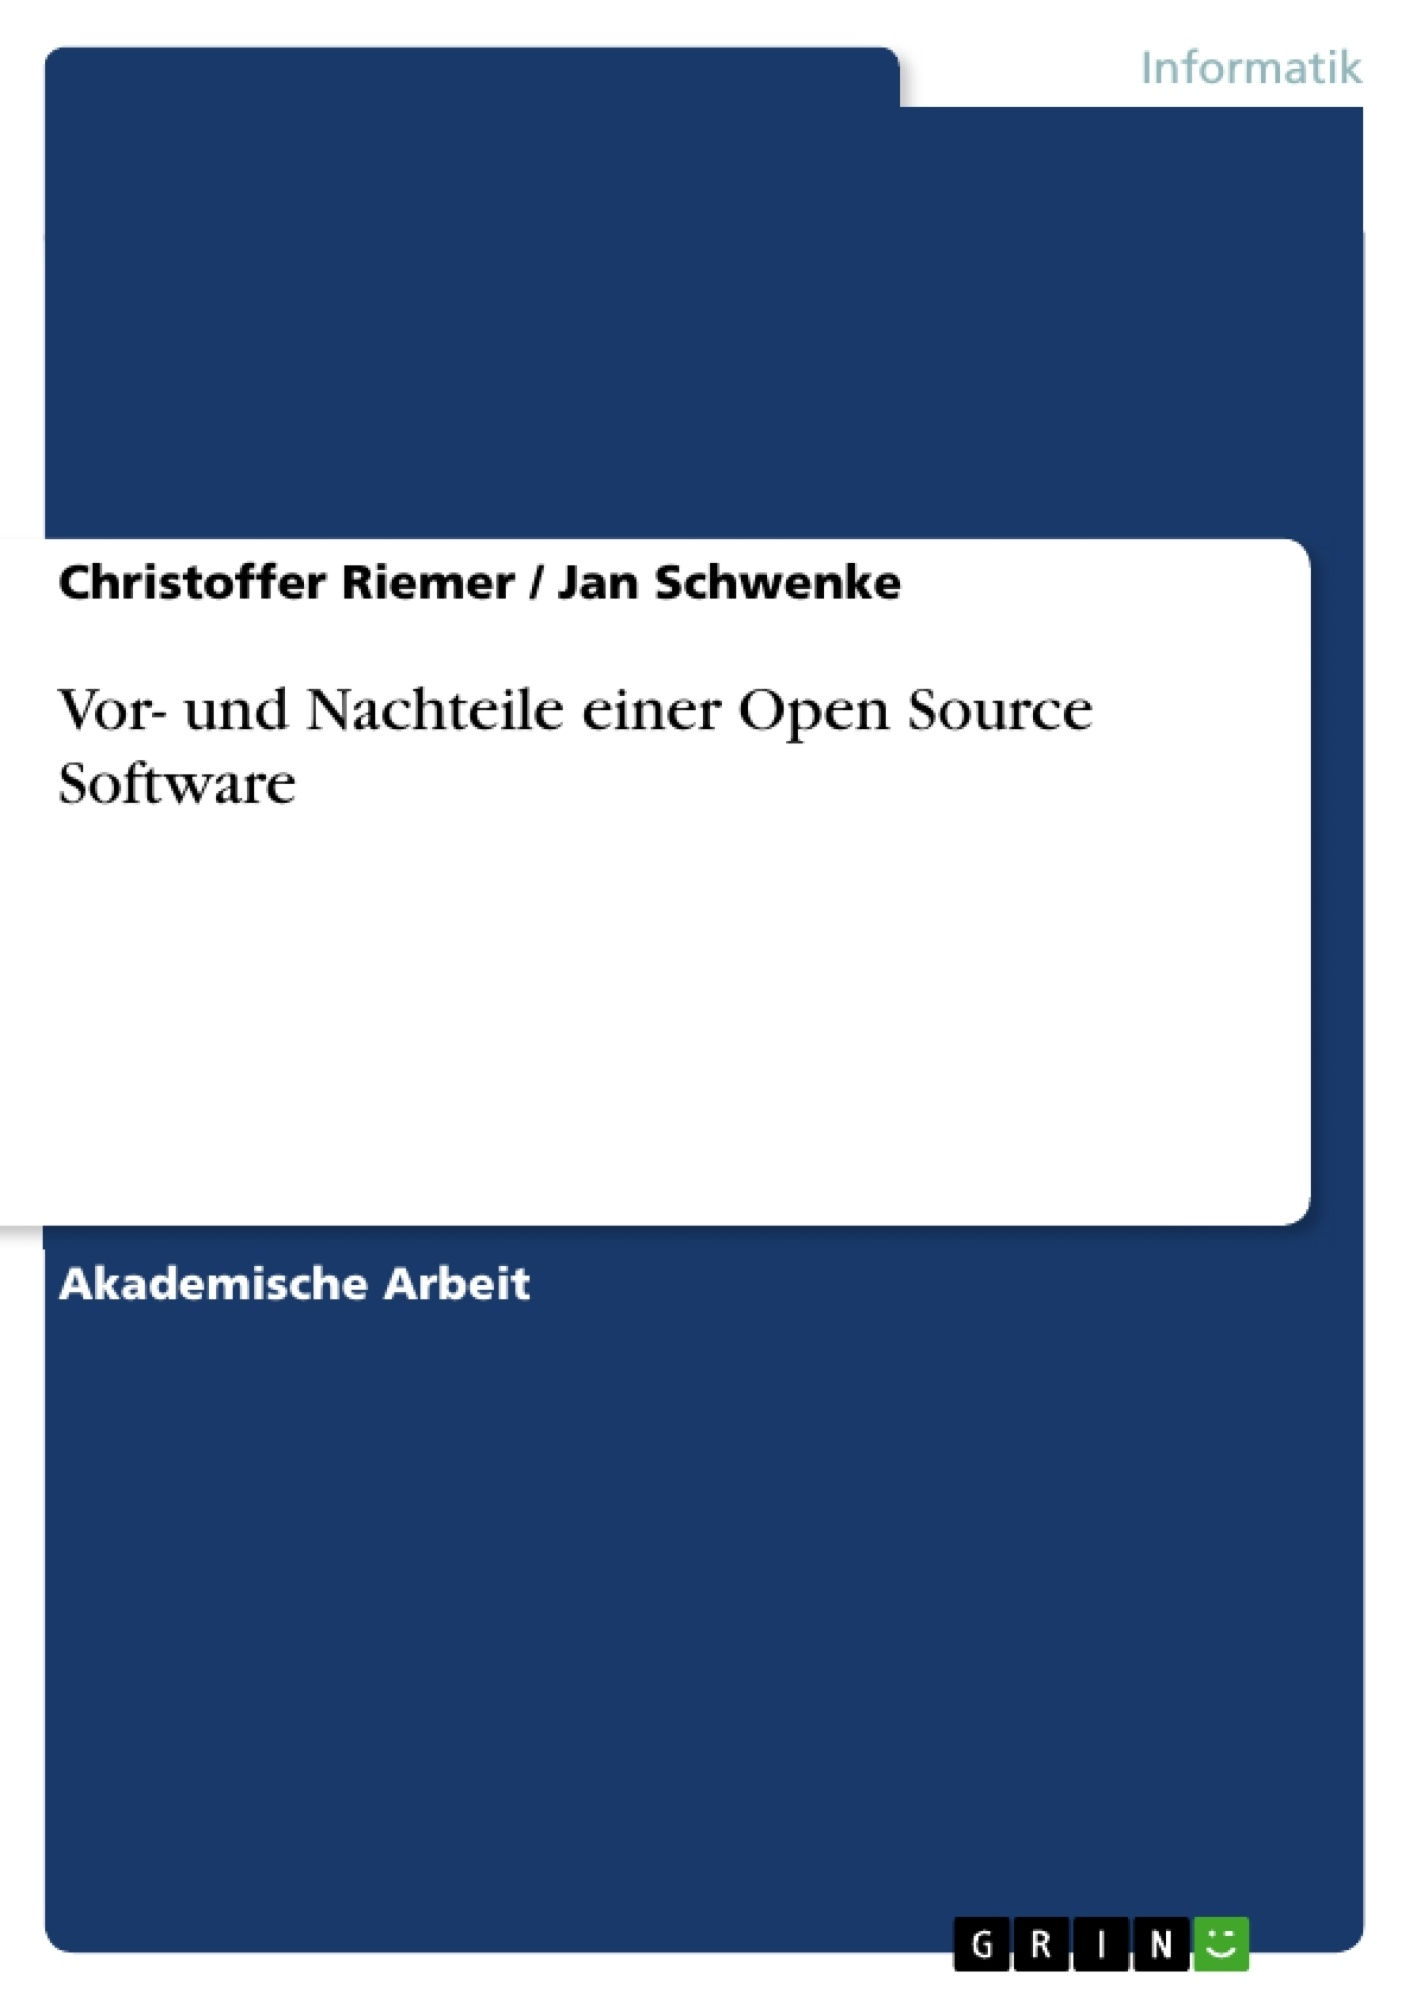 Titel: Vor- und Nachteile einer Open Source Software